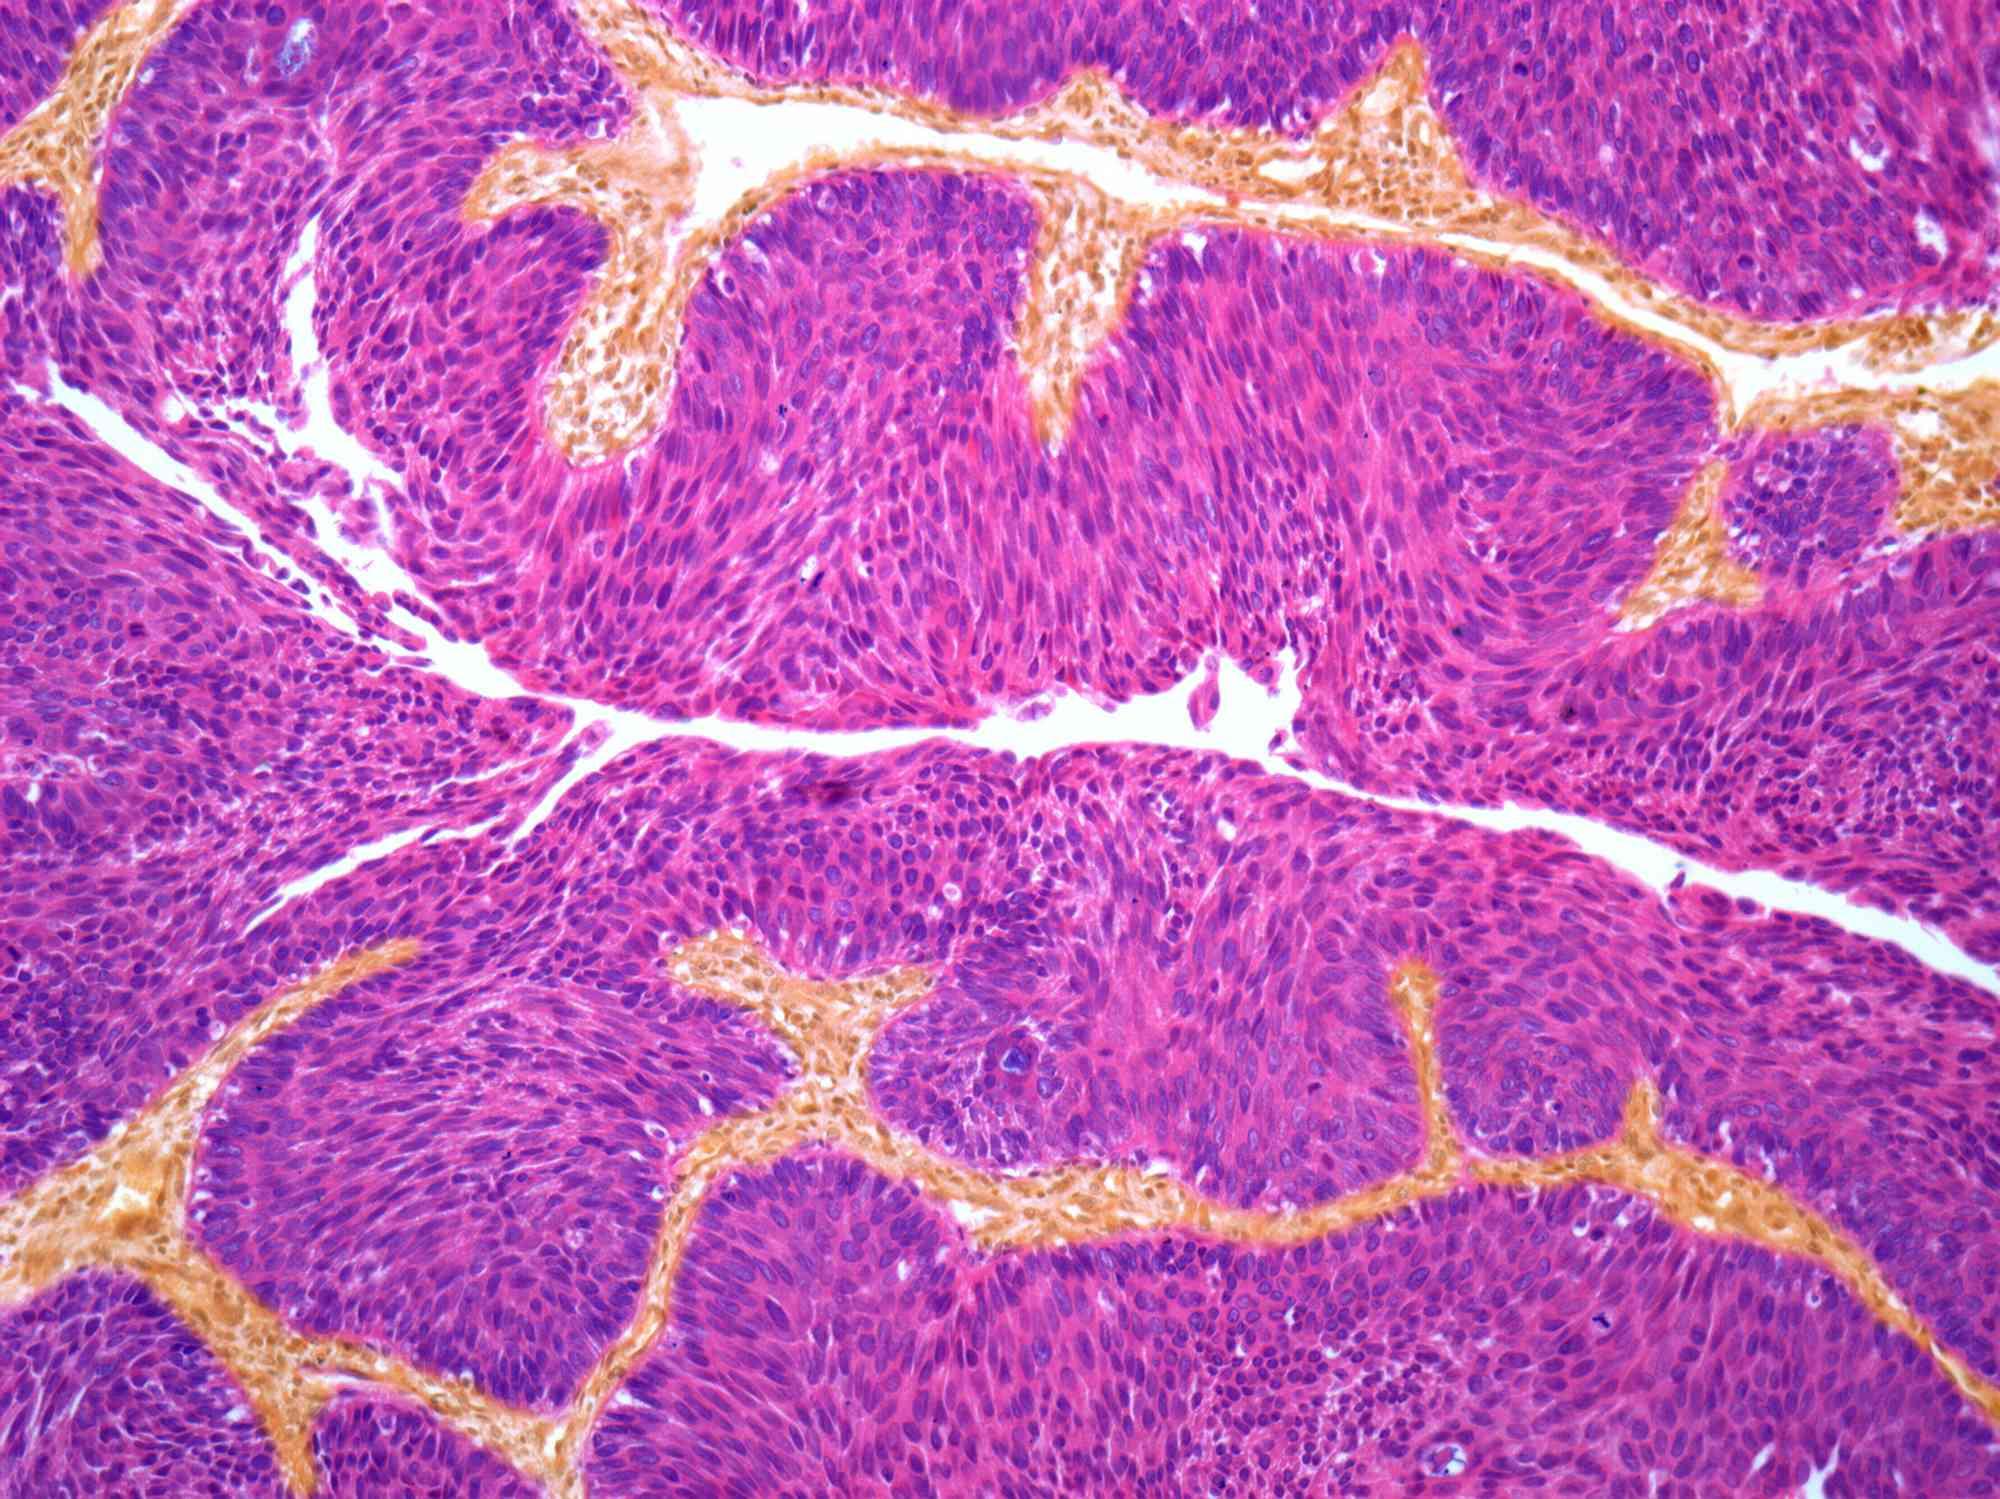 Bladder cancer, light micrograph